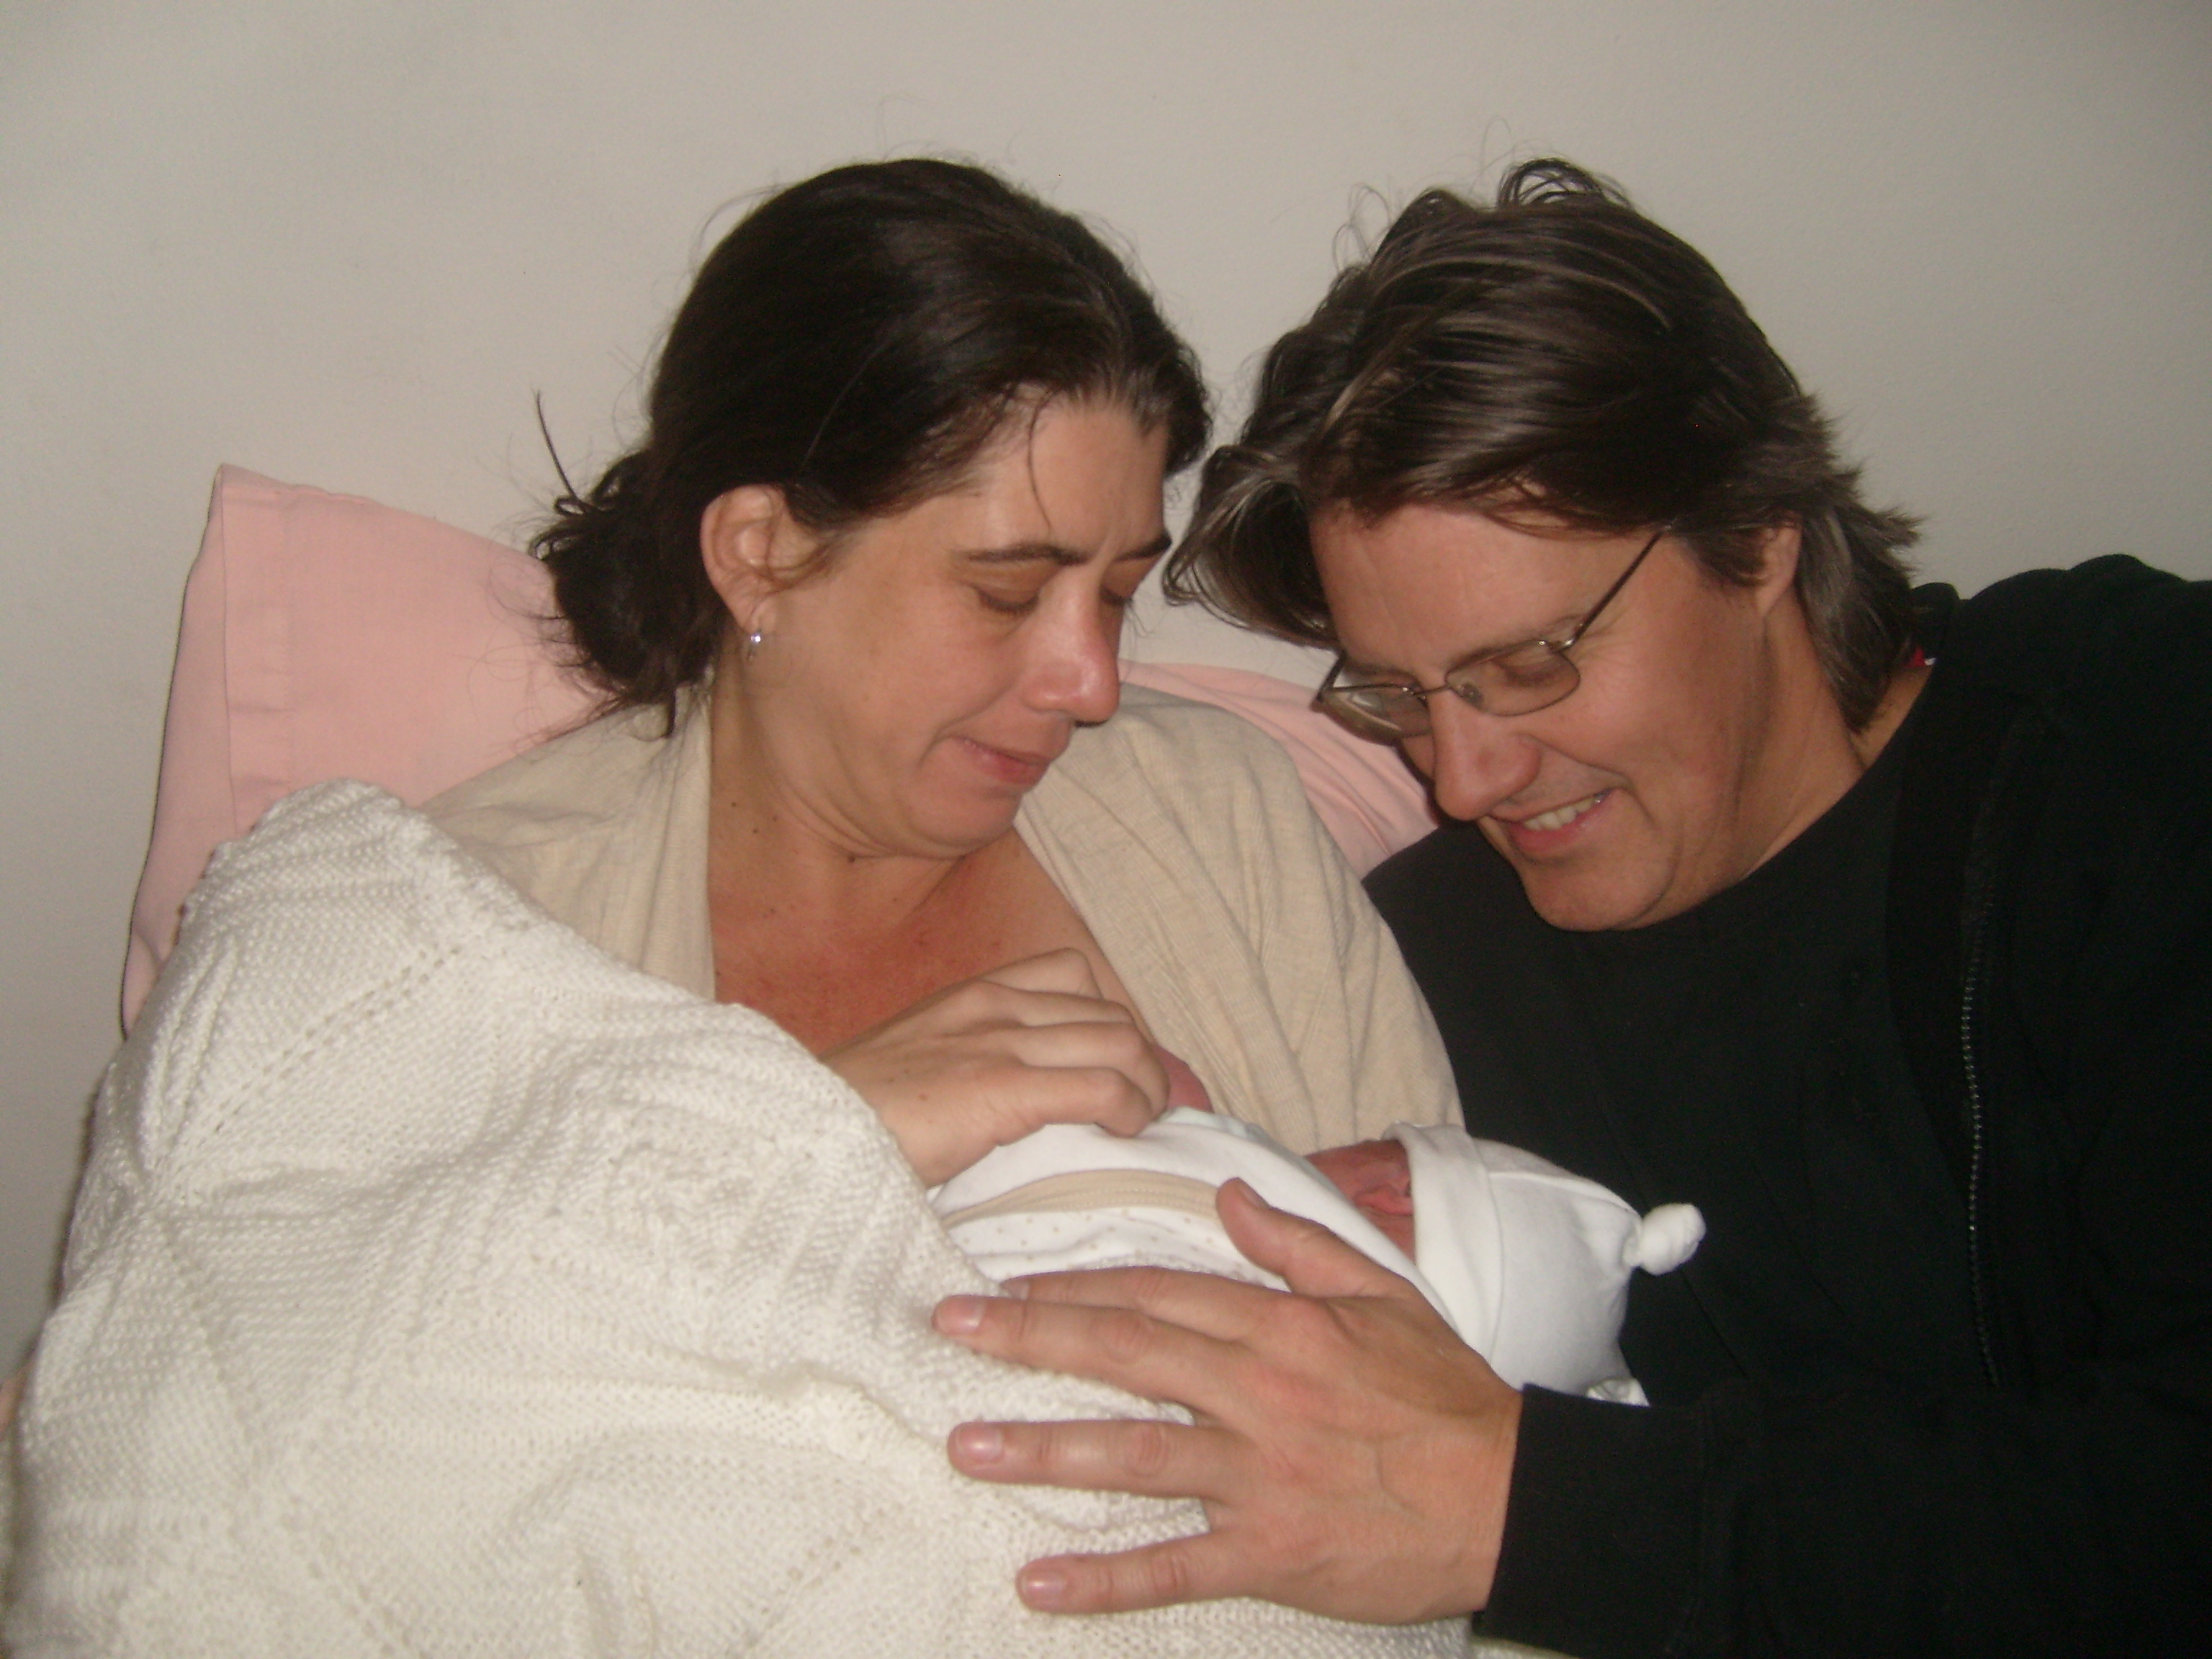 A baby breastfeeding after birth